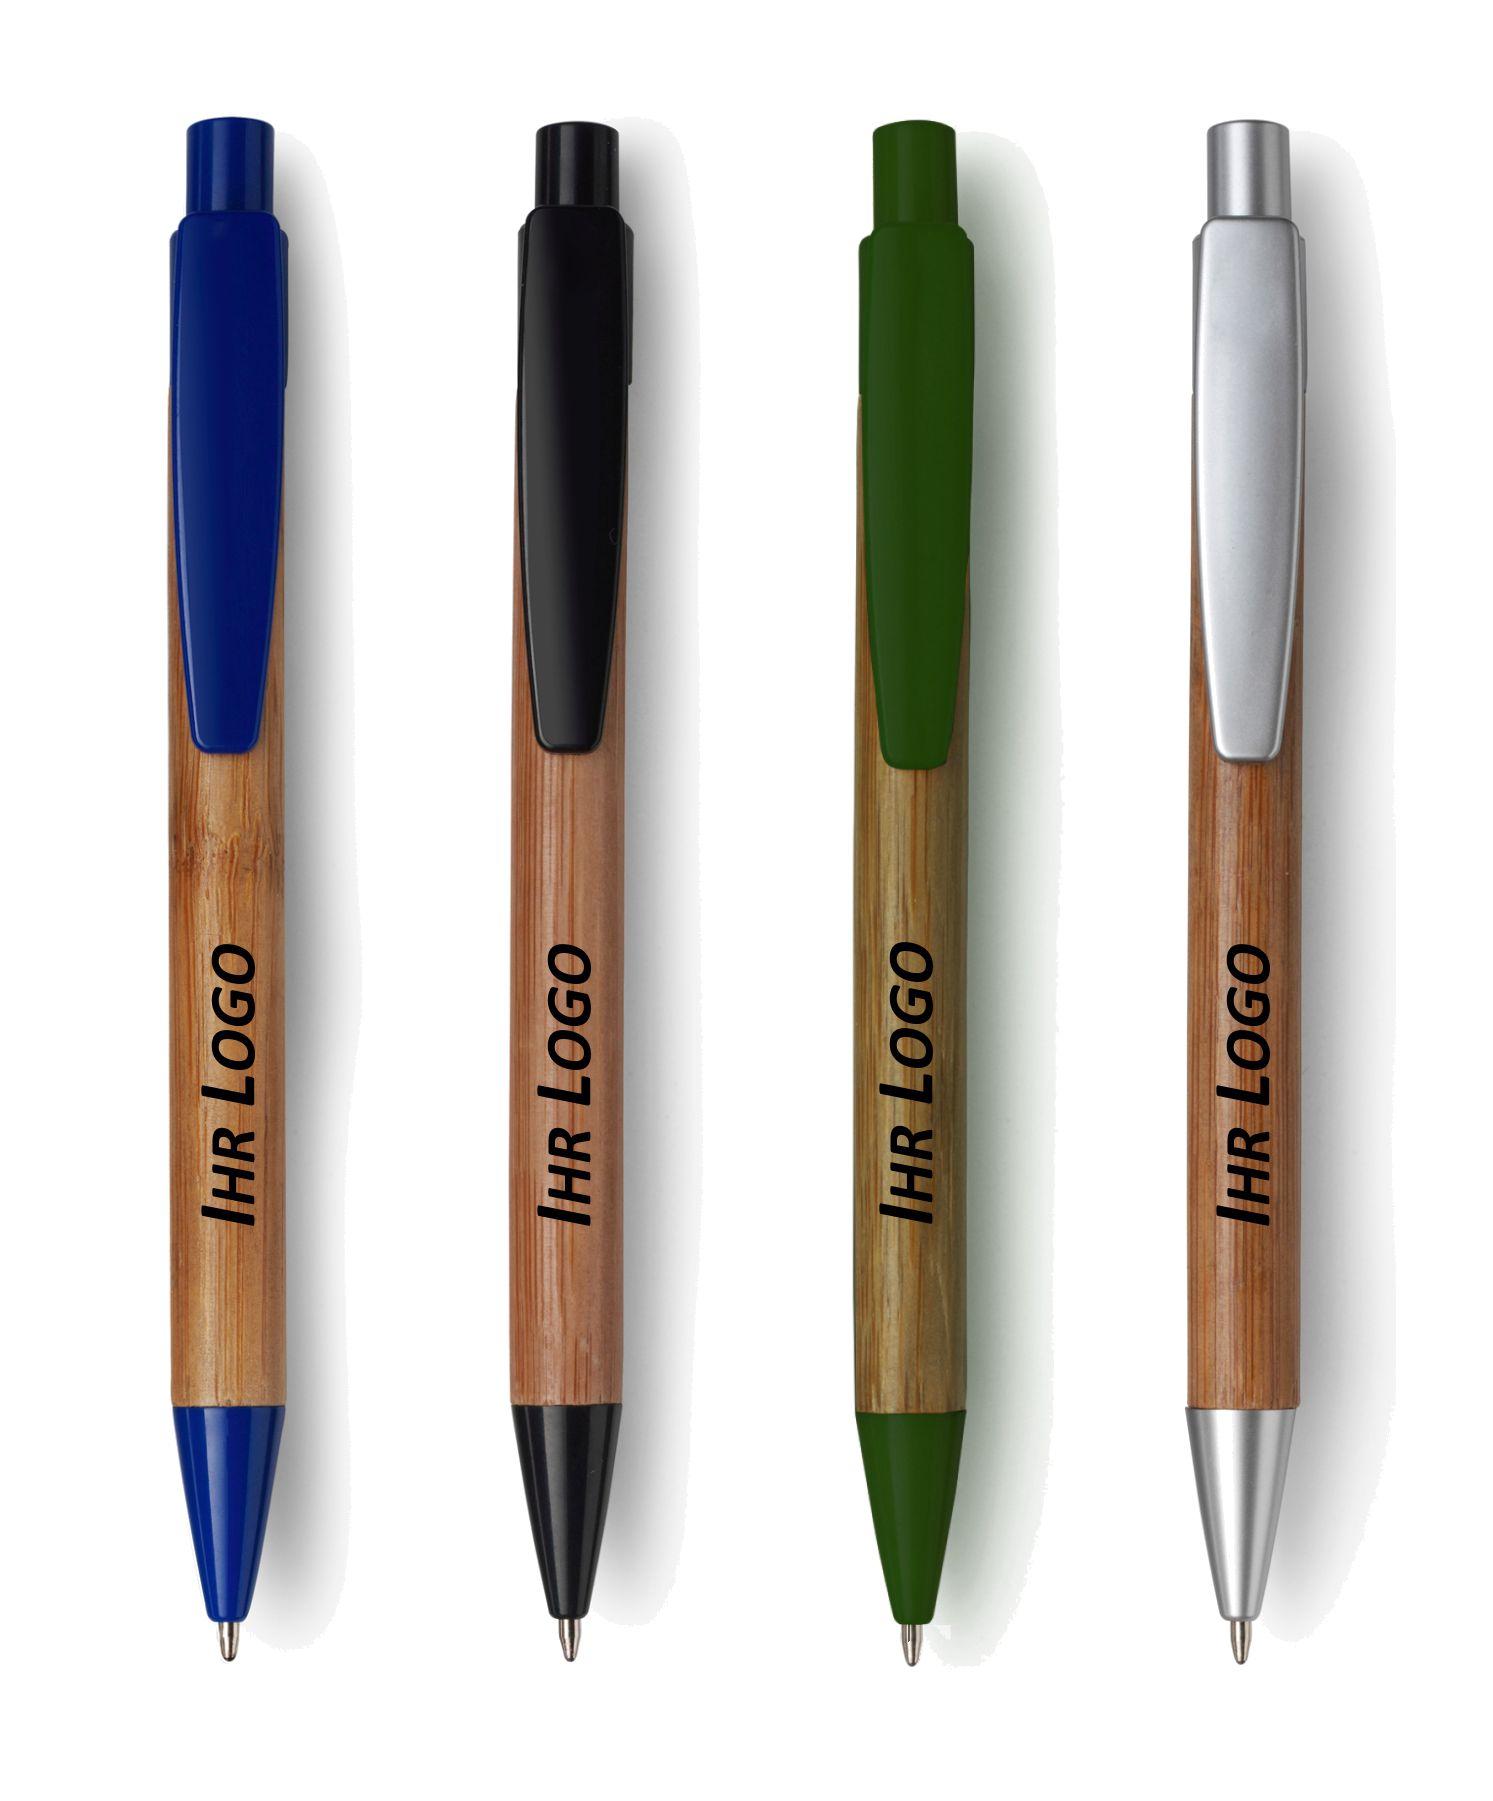 kugelschreiber beschriften günstig